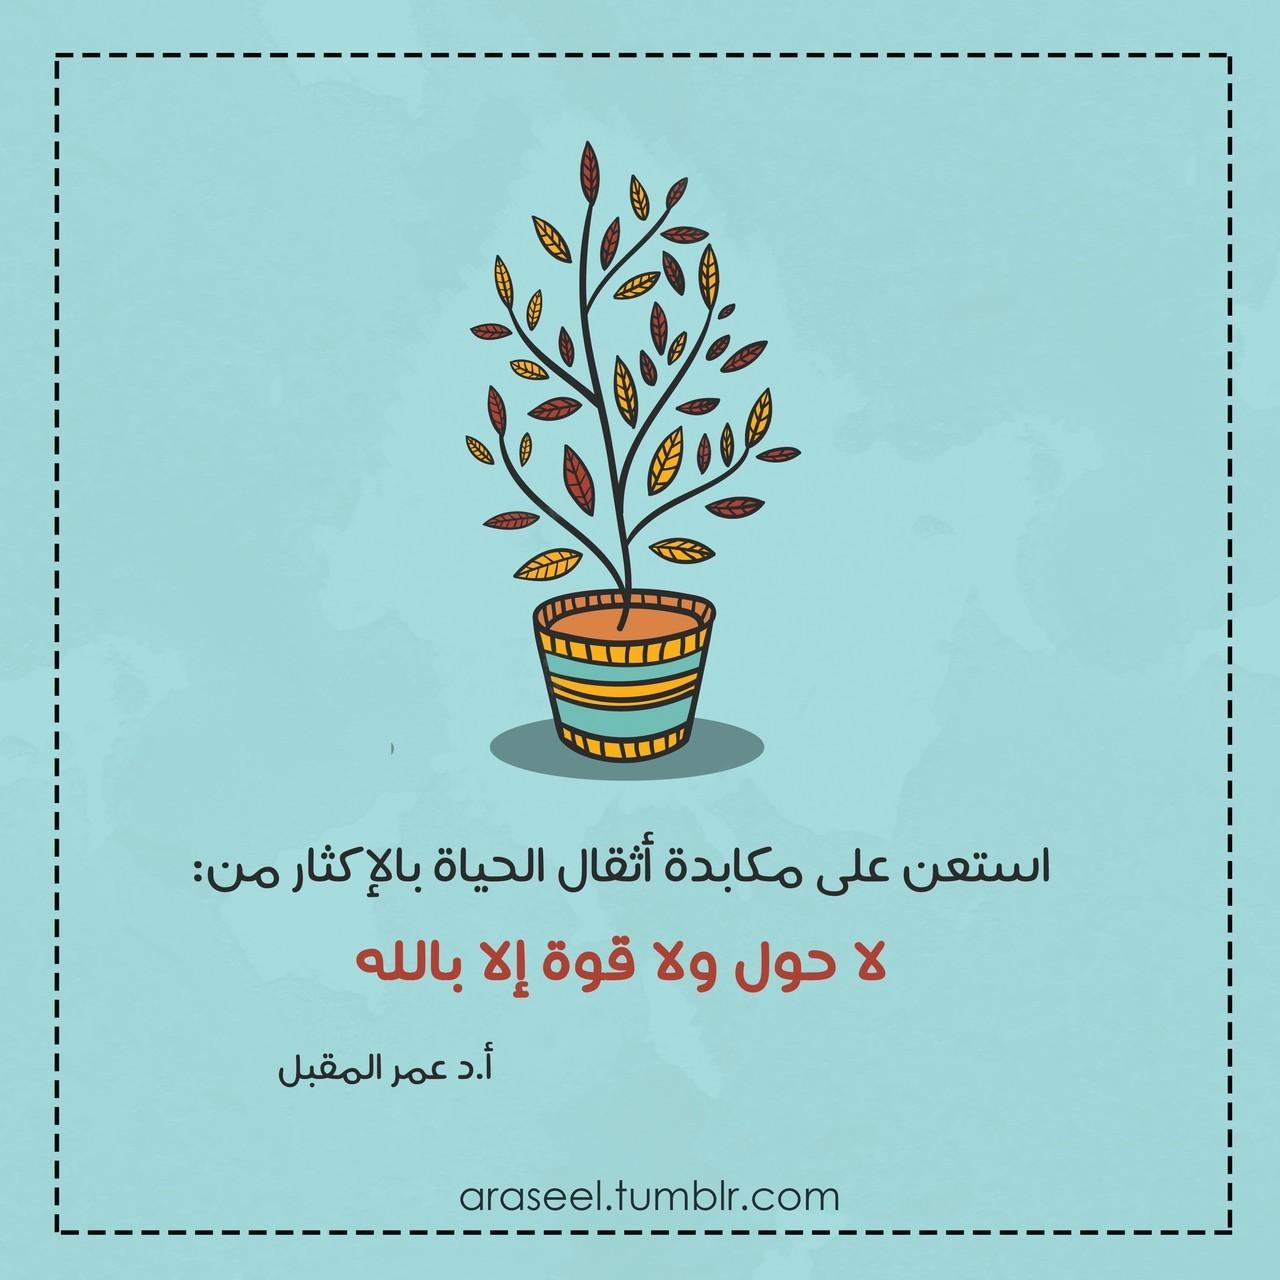 تجاربكم مع الحوقله قول لا حول ولا قوه الا بالله تعالو وشوفو